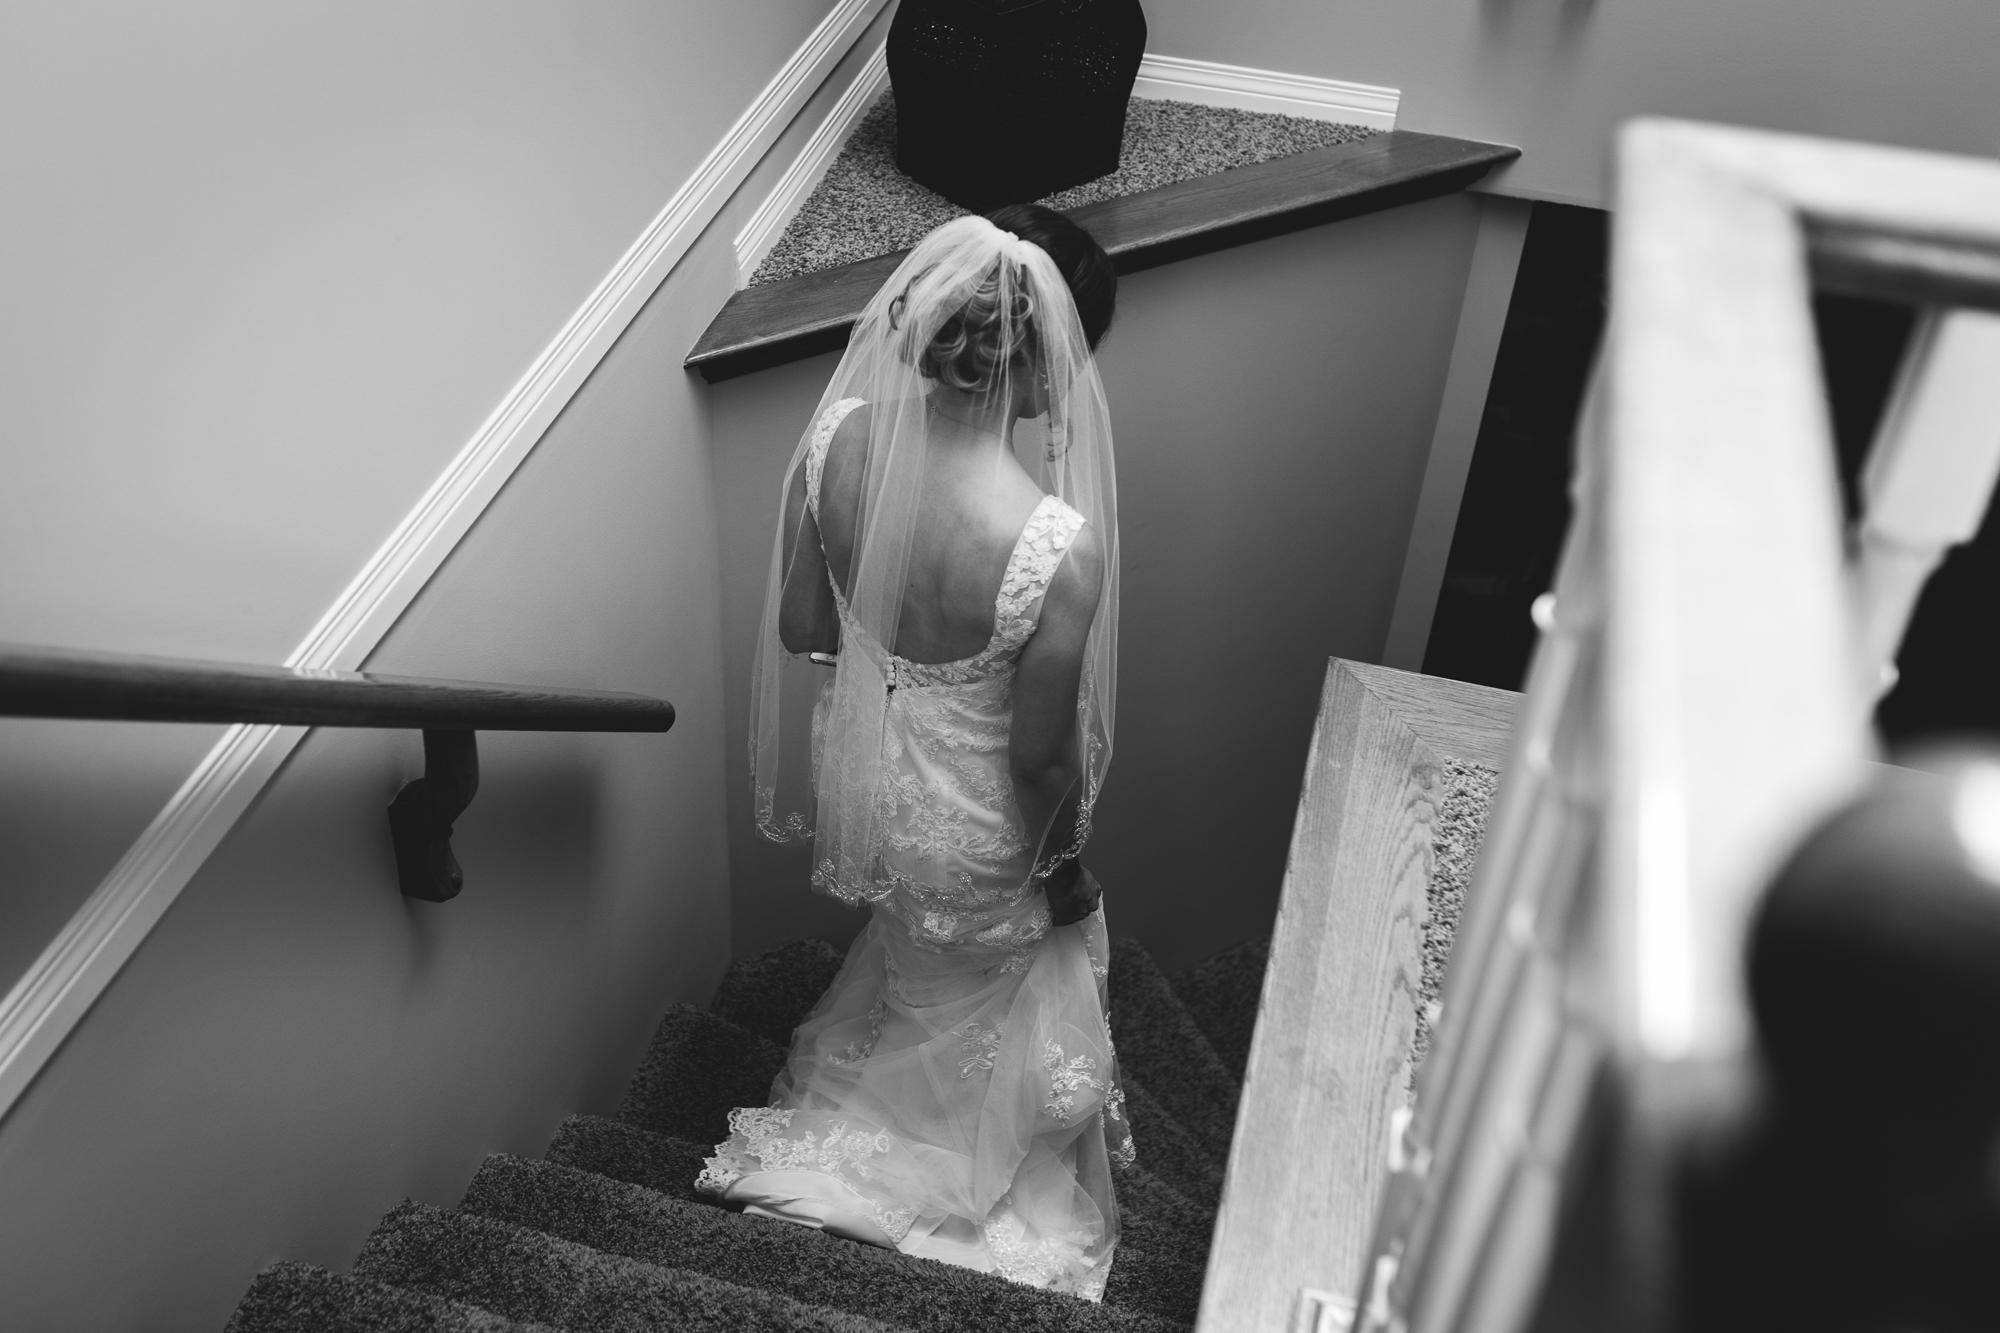 Deanna-Rachel-Photography-calgary-Wedding-photographer-jm-17.jpg